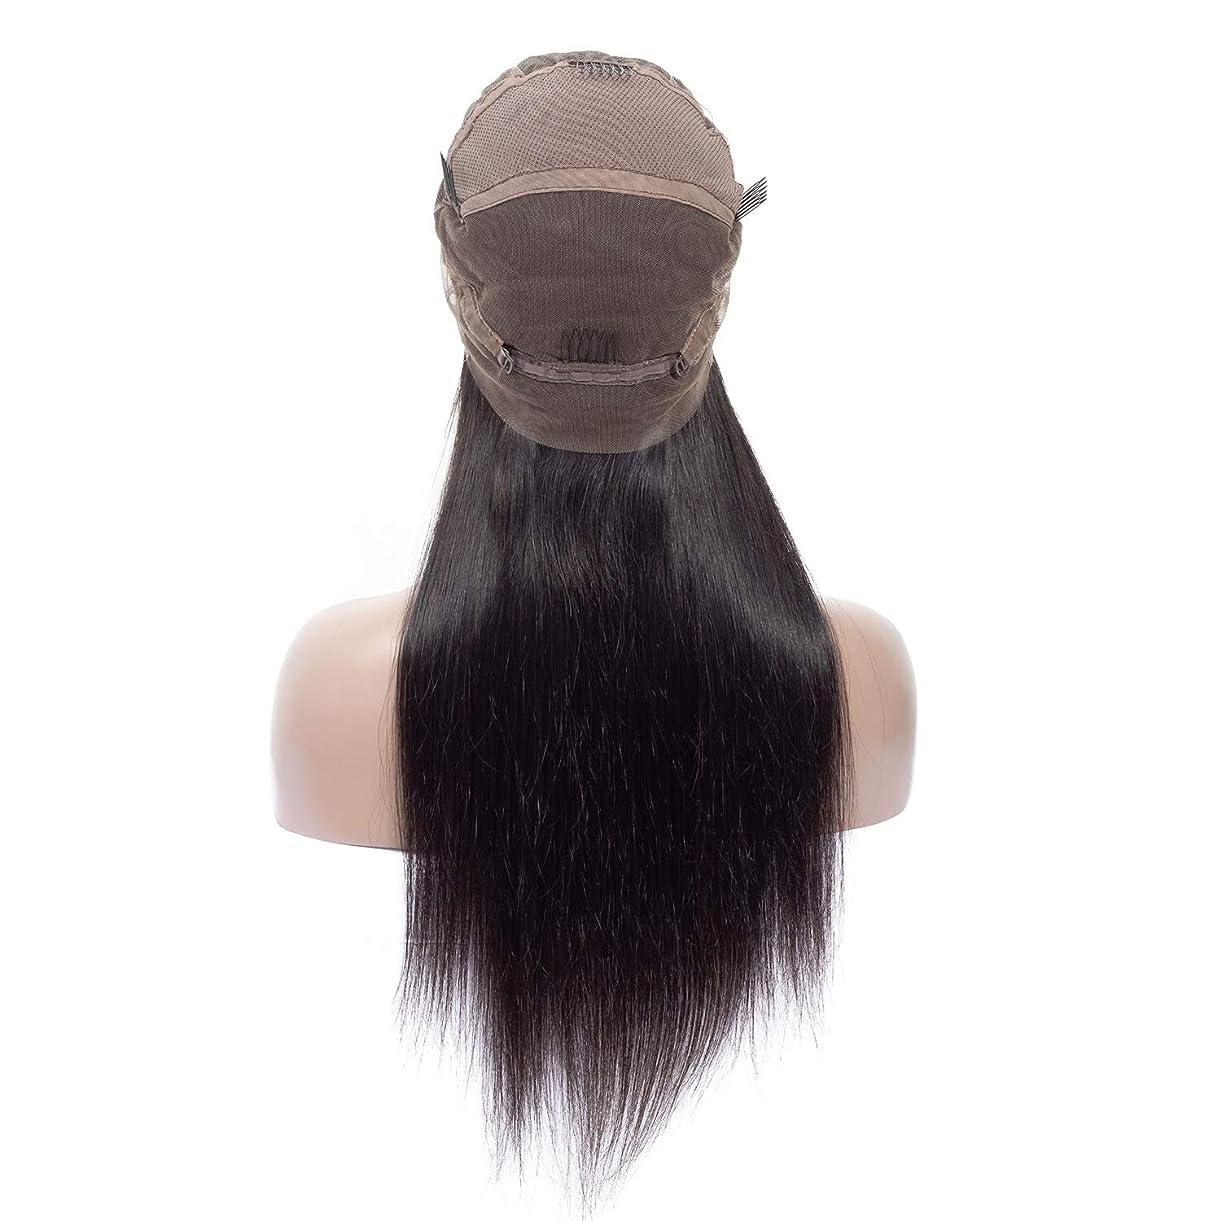 ムス荷物転用SRY-Wigファッション ファッションレディースロングブラジルブラックストレートナチュラルレミーかつら髪古い完全かつら (Color : ブラック, Size : 10inch)